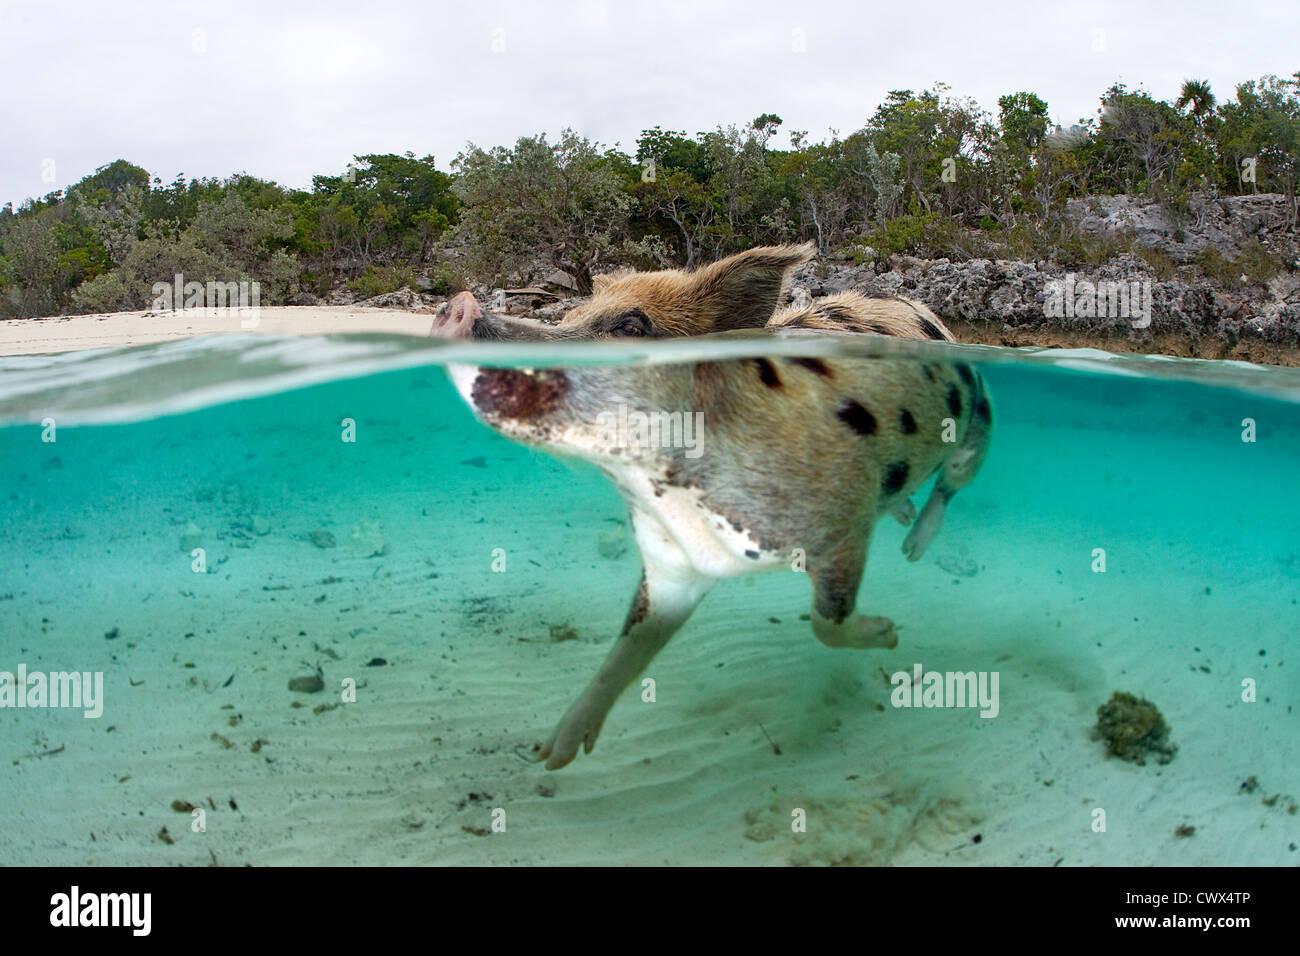 Ein wildes Schwein schwimmt in den klaren Gewässern der Bahamas Staniel Cay um ein Schiff voller Touristen Stockbild